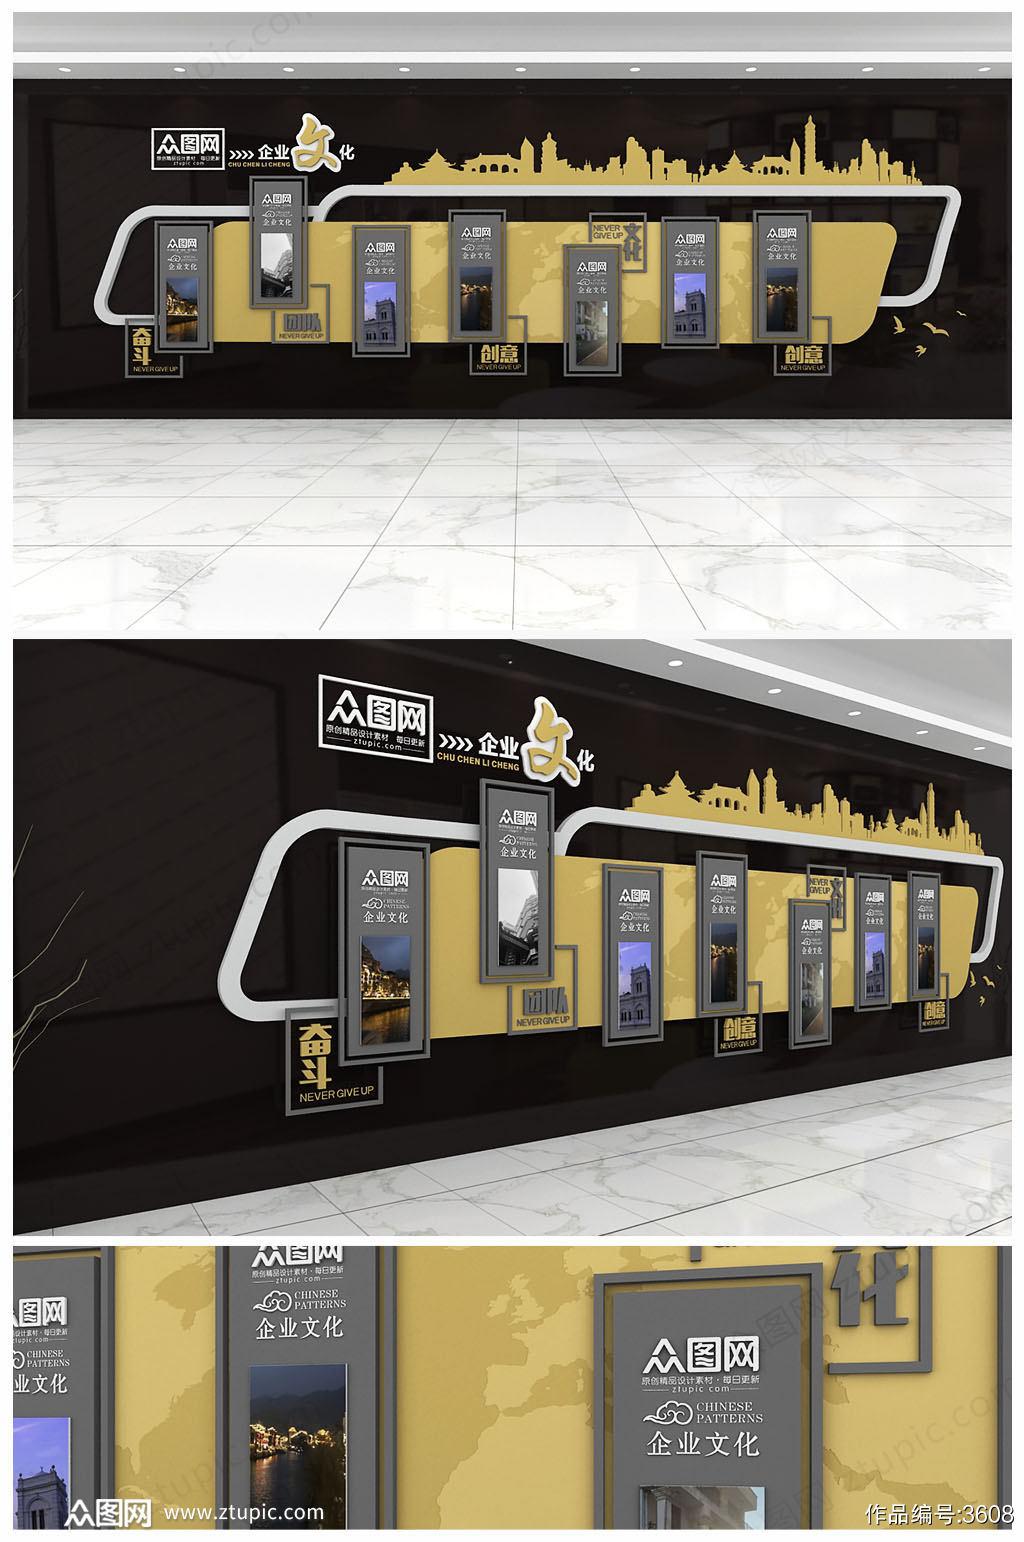 企业文化墙效果图公司形象发展历程创意设计素材